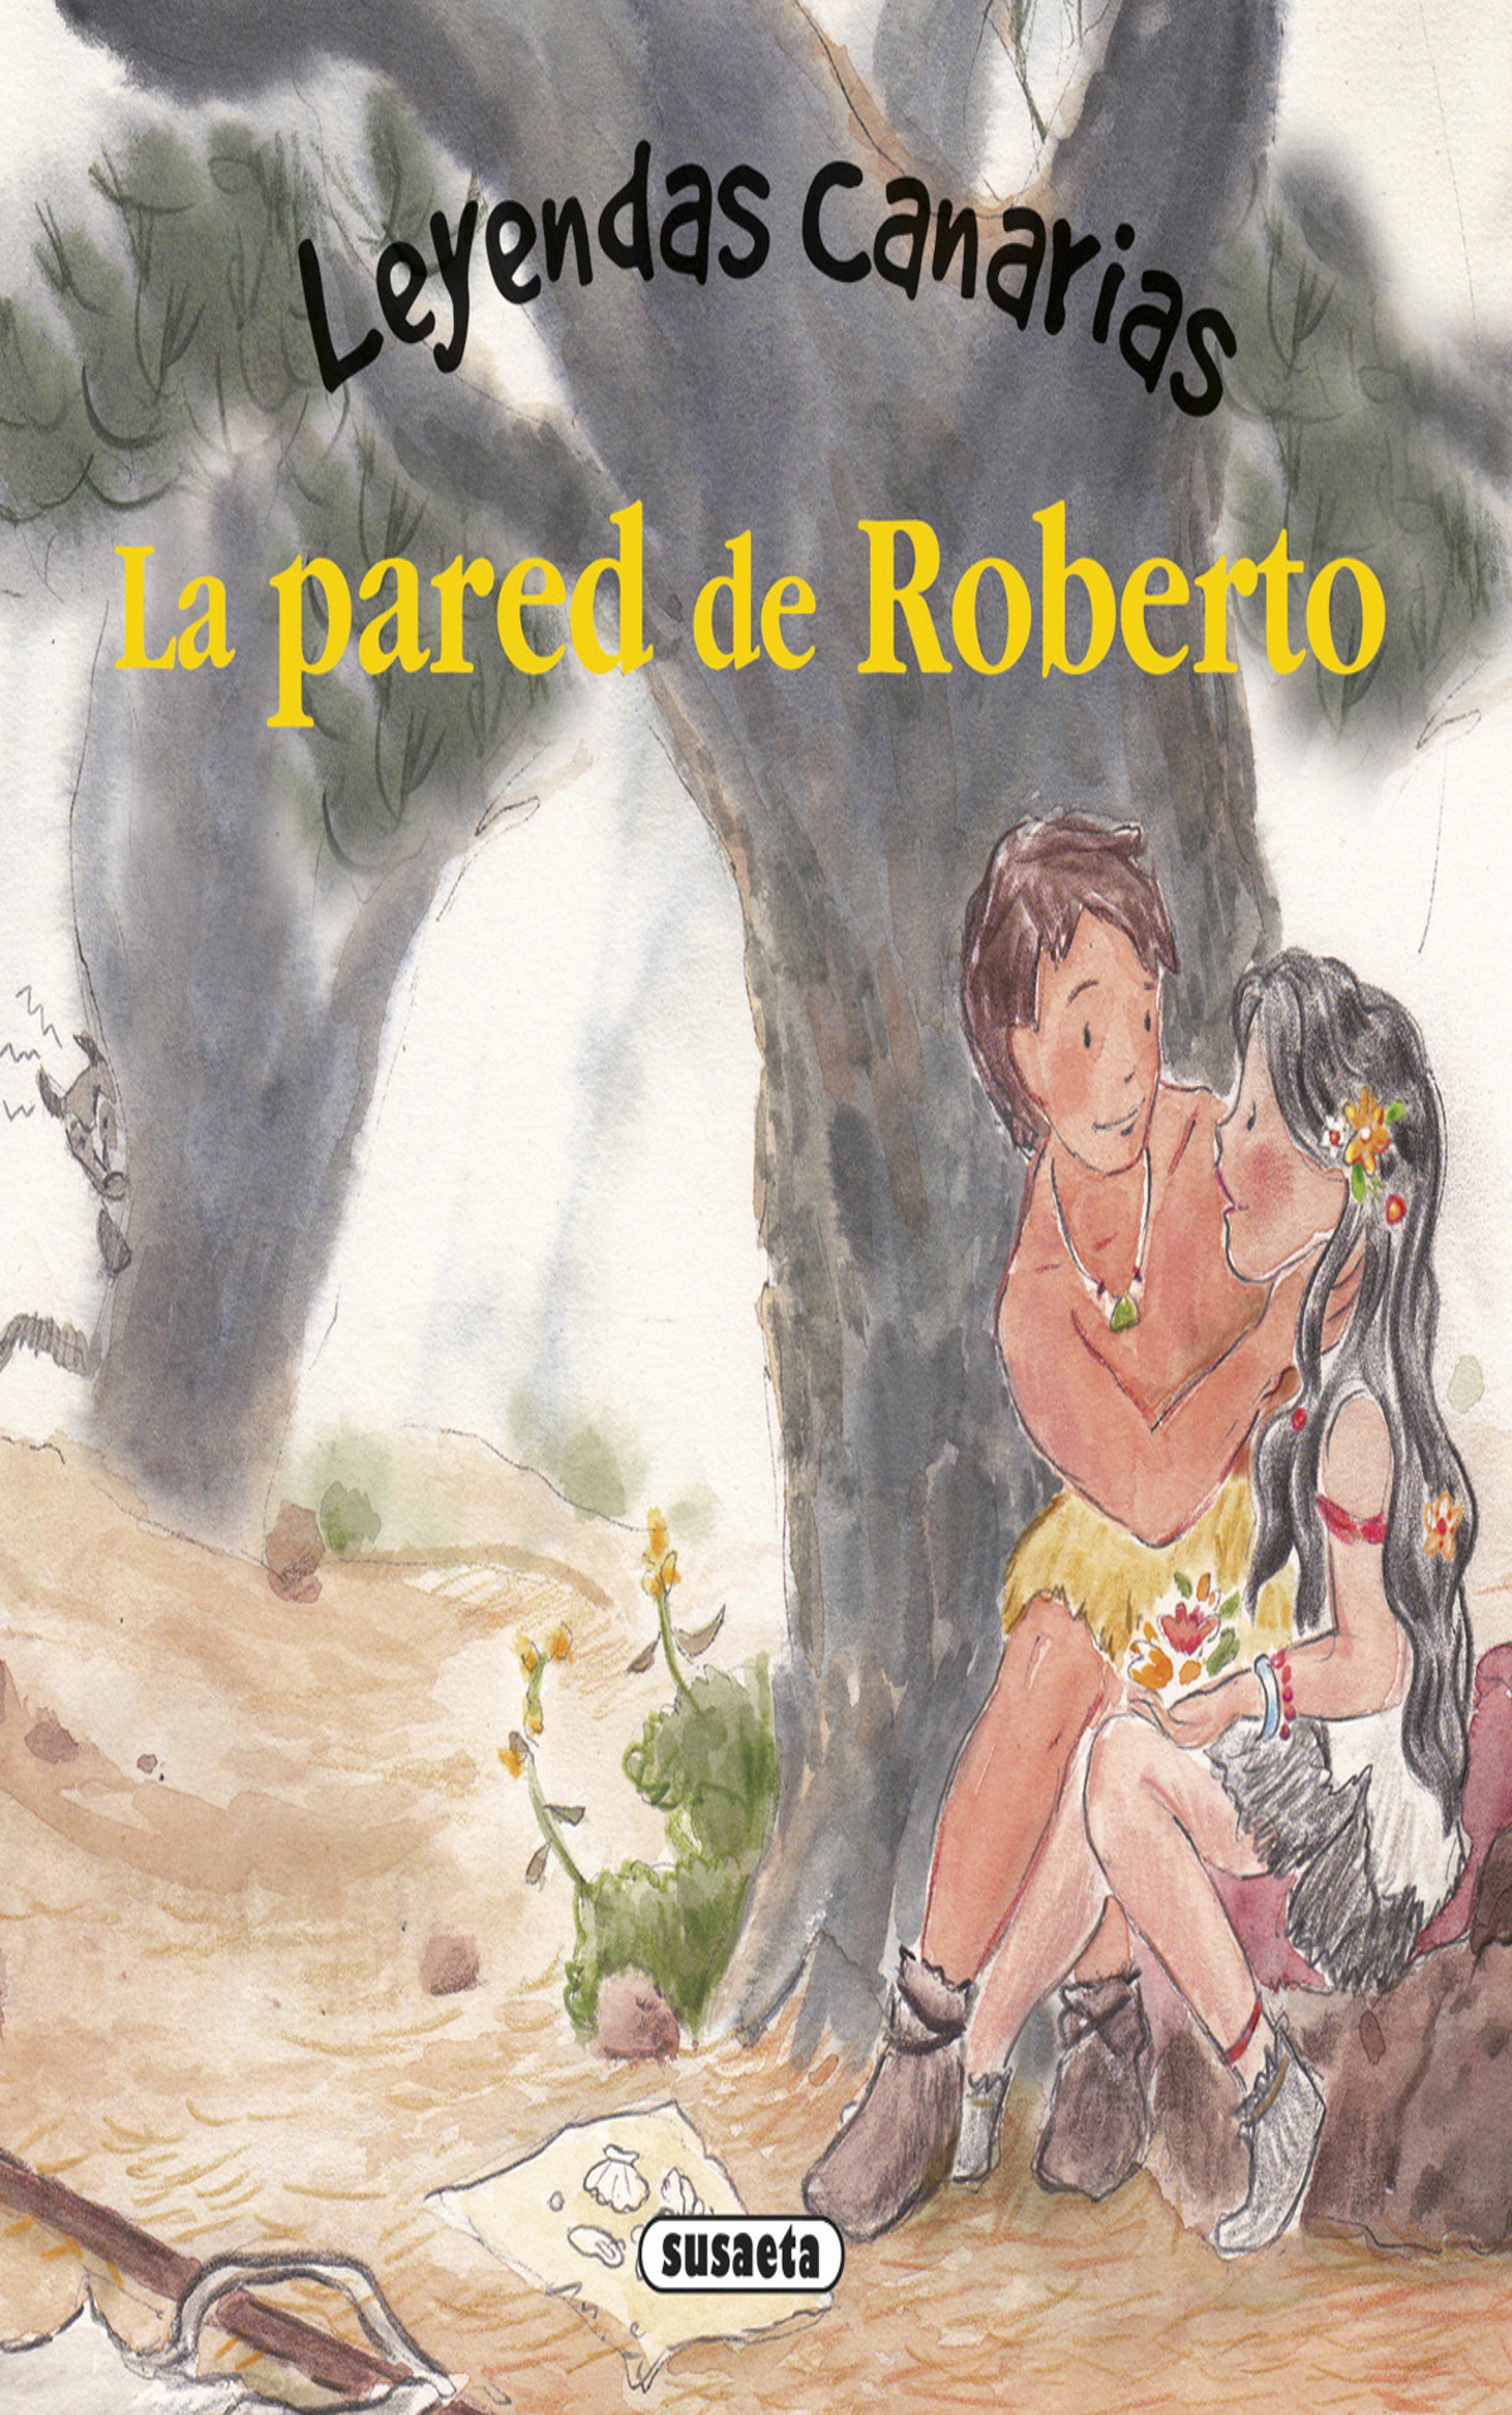 PARED DE ROBERTO, LA  - Leyendas Canarias